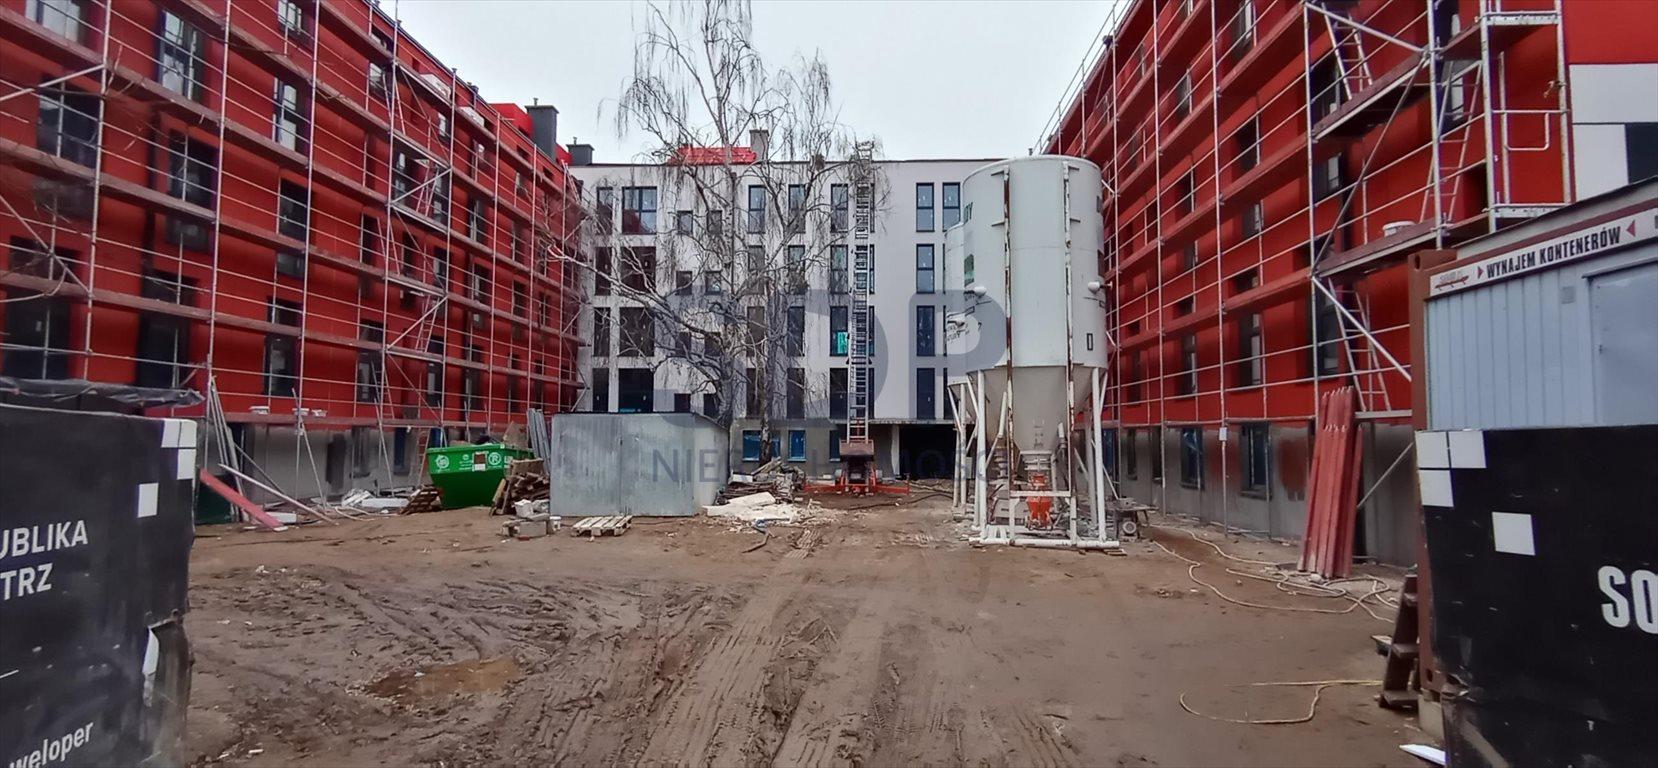 Lokal użytkowy na sprzedaż Wrocław, Psie Pole, Karłowice, ok. Sołtysowickiej  163m2 Foto 10